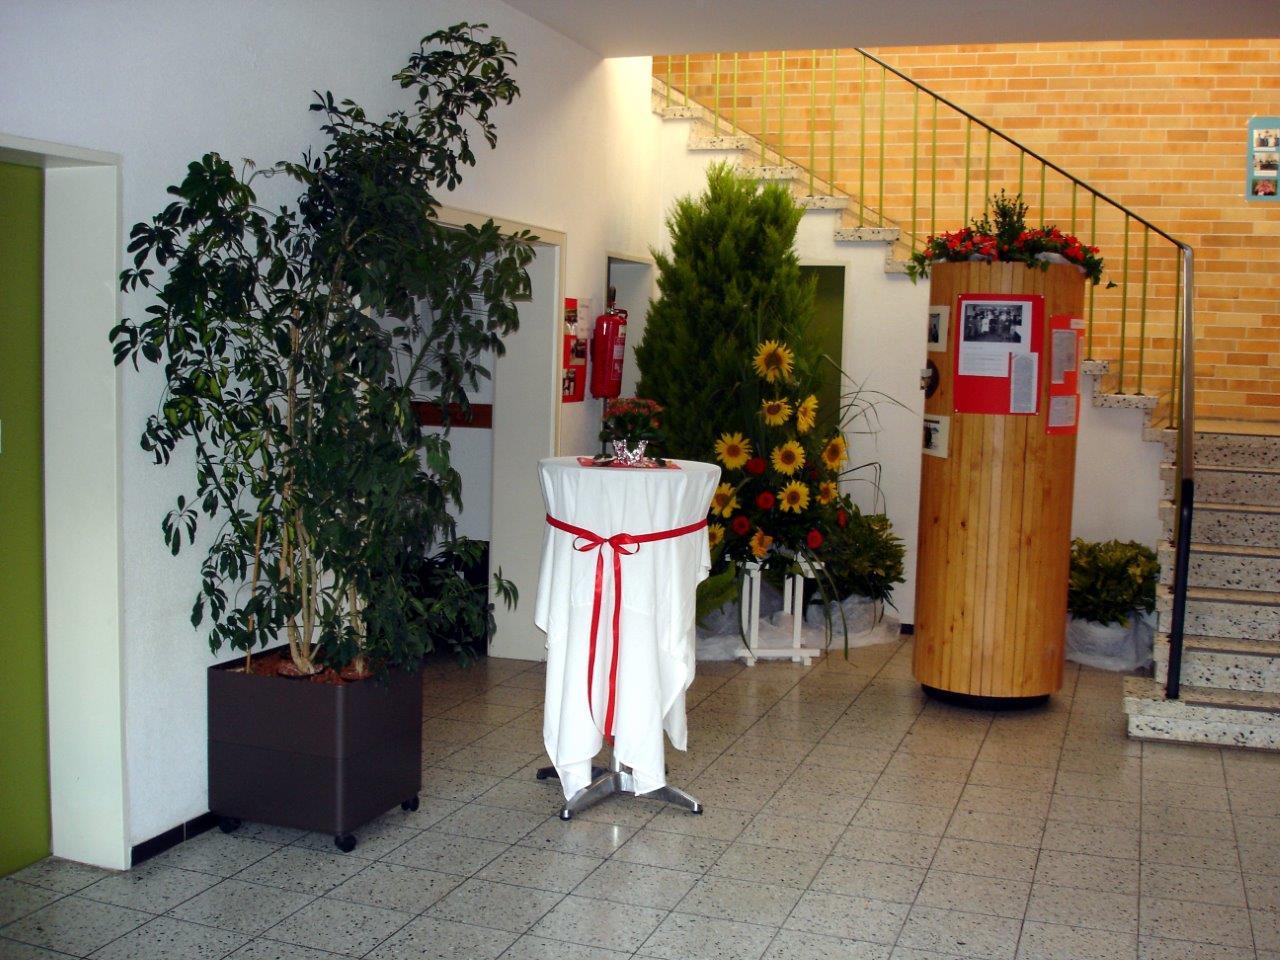 Festlich geschmückter Eingangsbereich